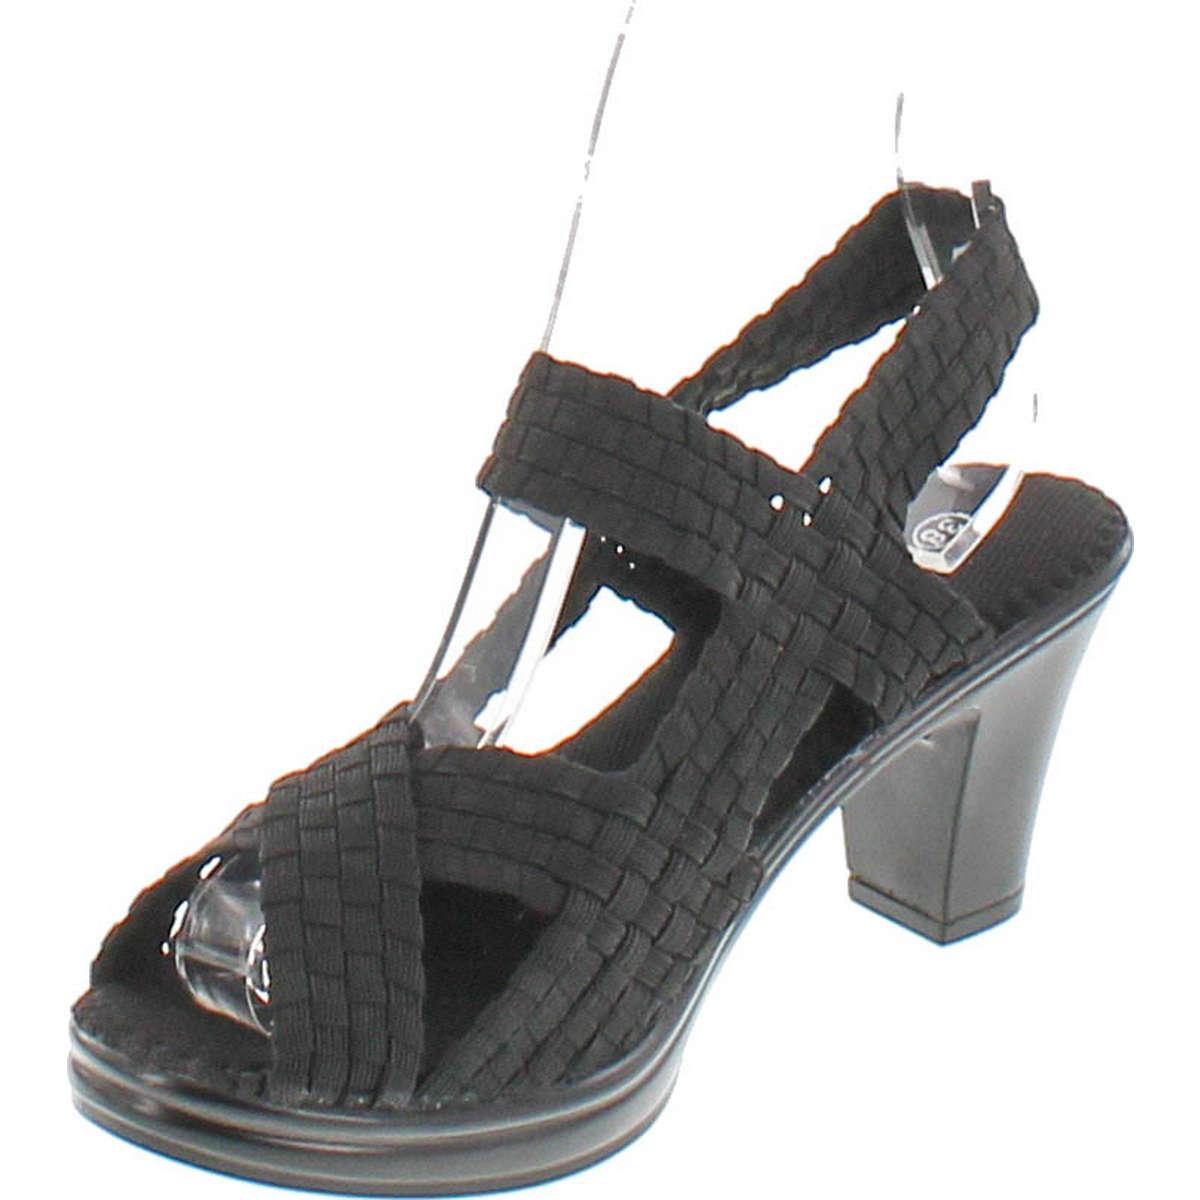 Bernie Bernie Bernie Mev Donna  Lizette Synthetic Sandals 446660